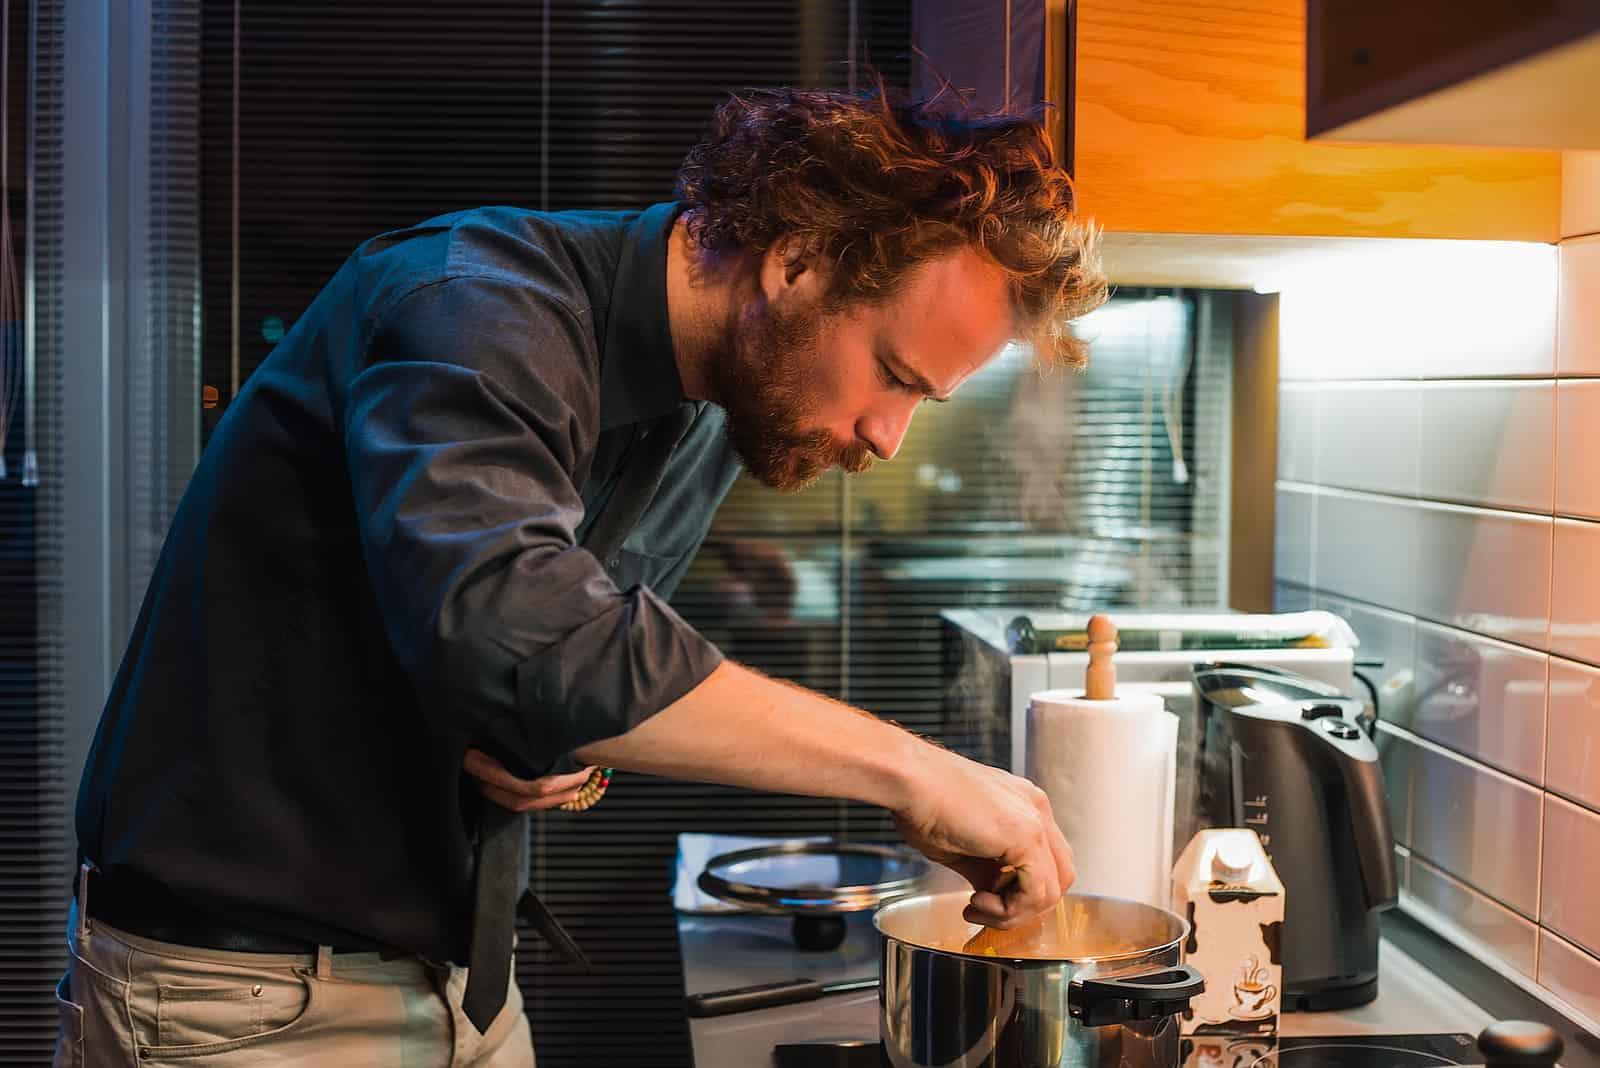 Bel homme cuisine dans la cuisine